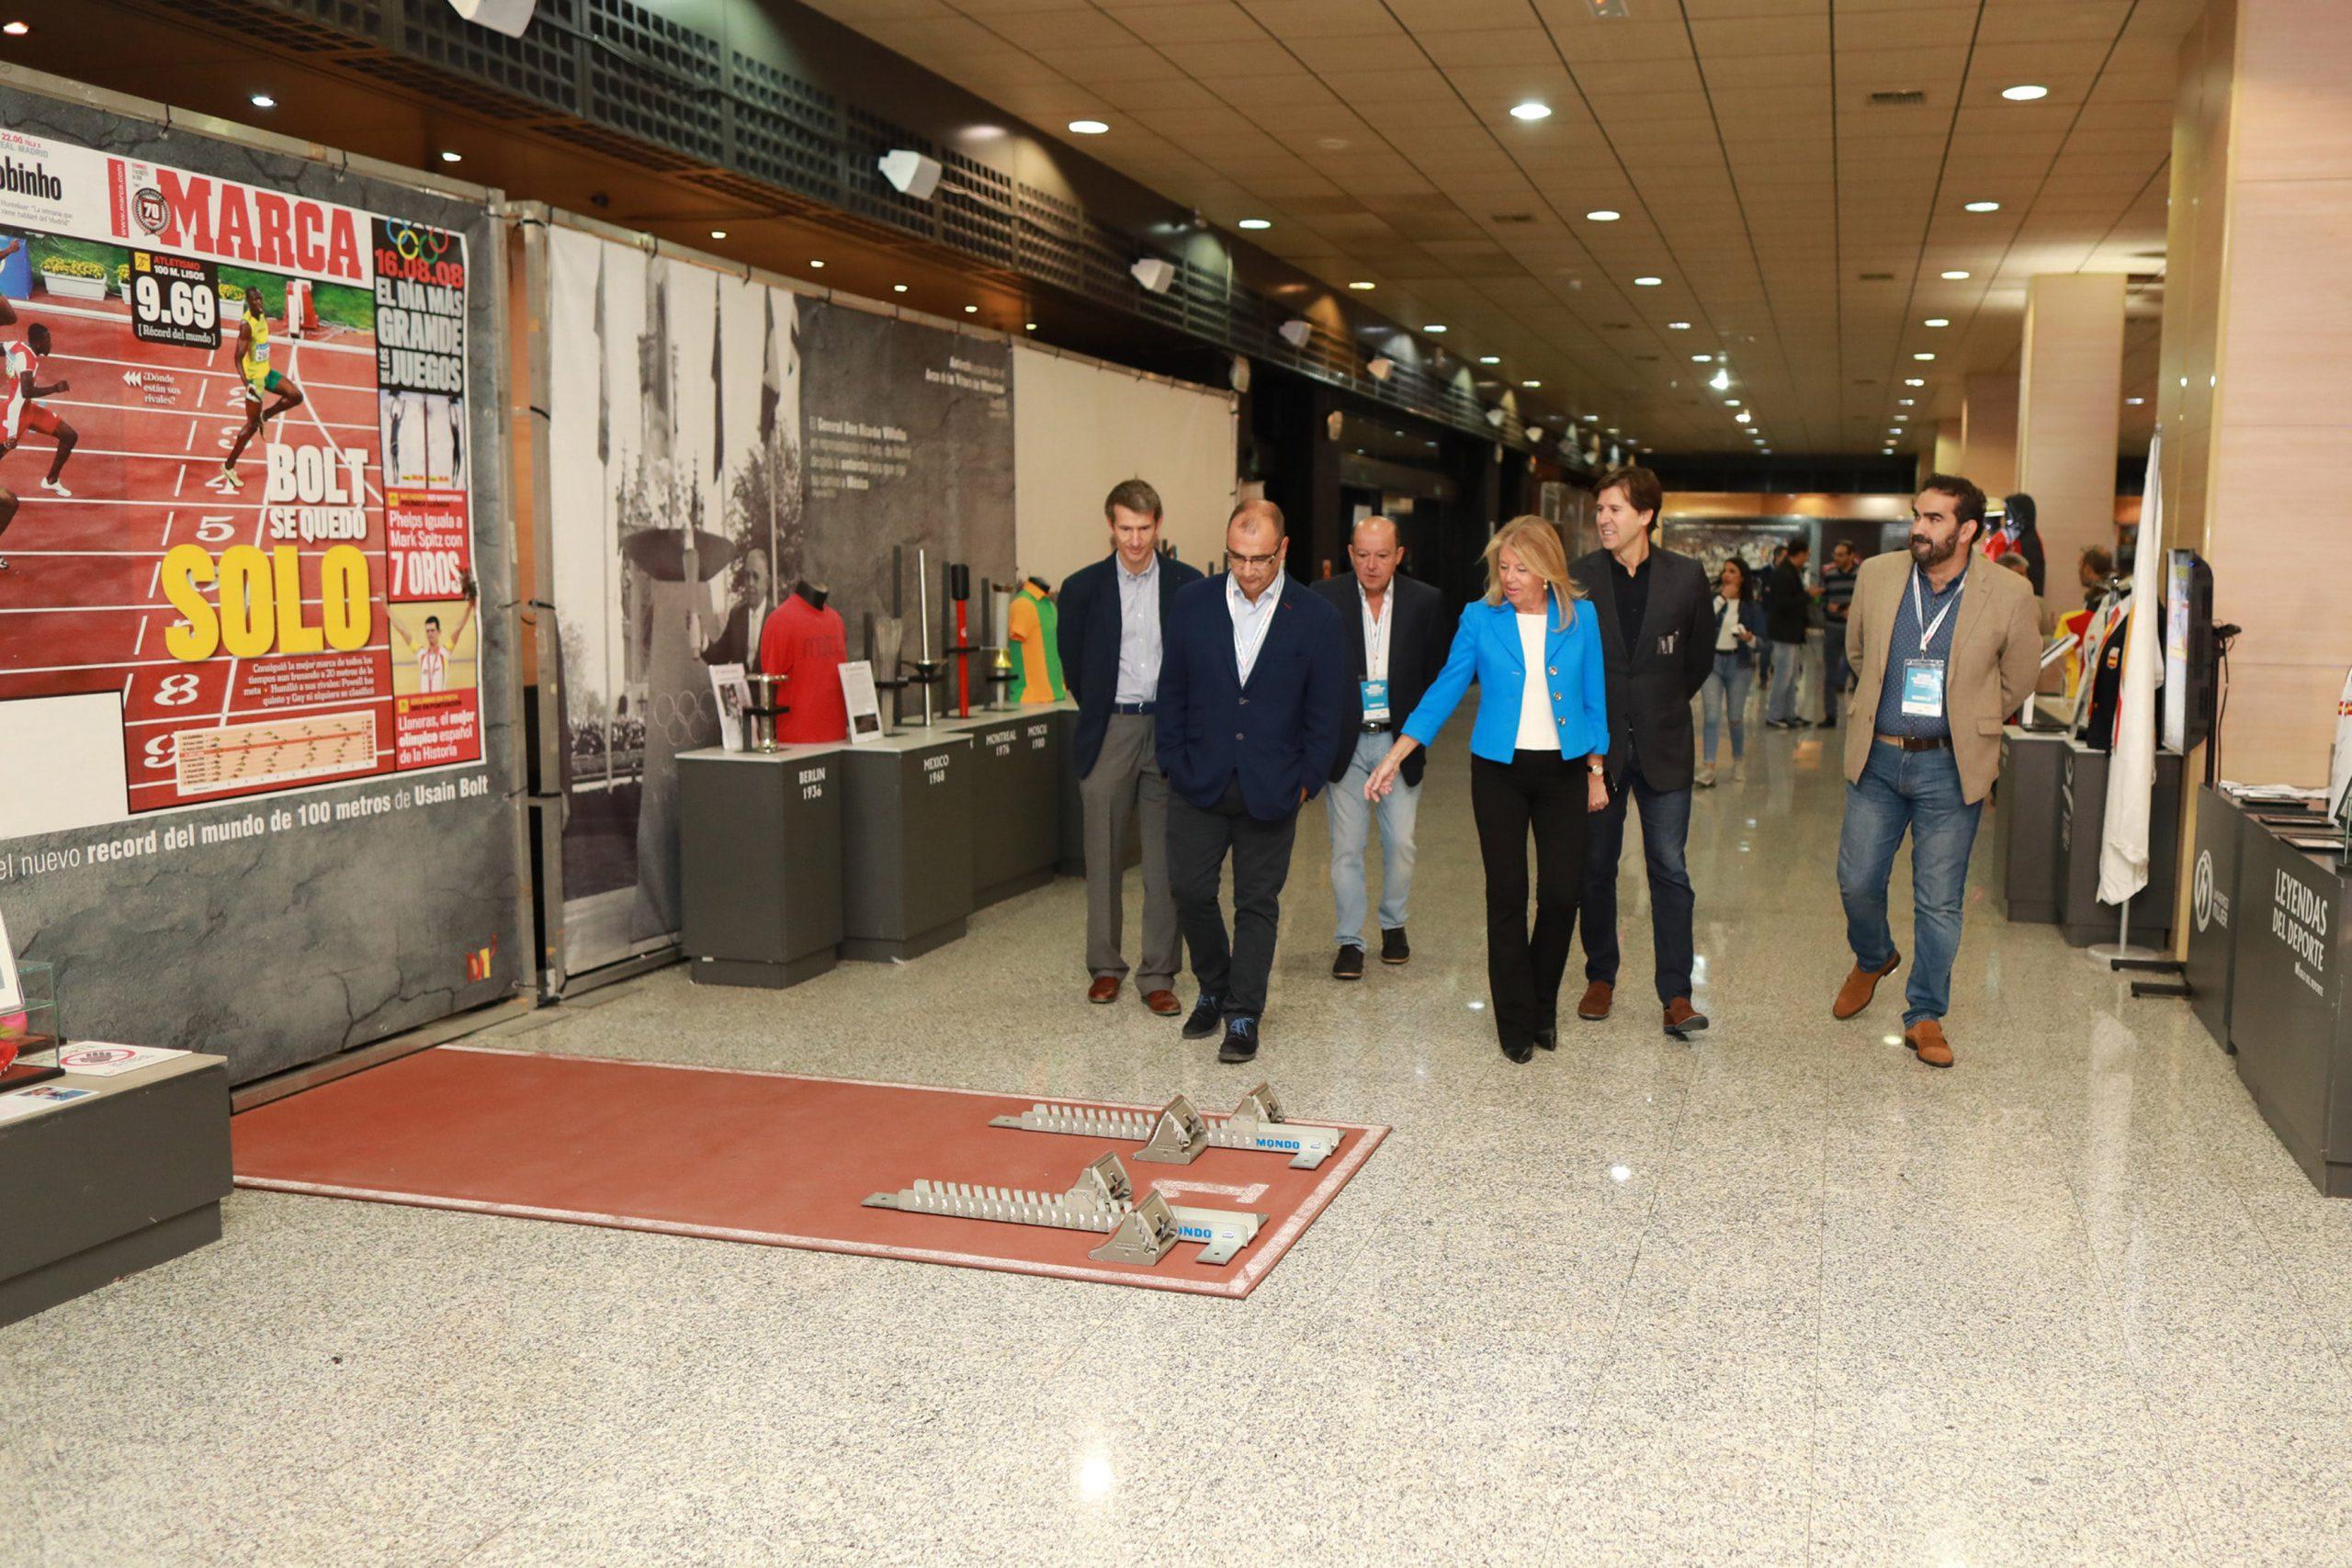 Inauguran en el Palacio de Congresos el Museo del Deporte del 'Marca Sport Weekend Marbella'